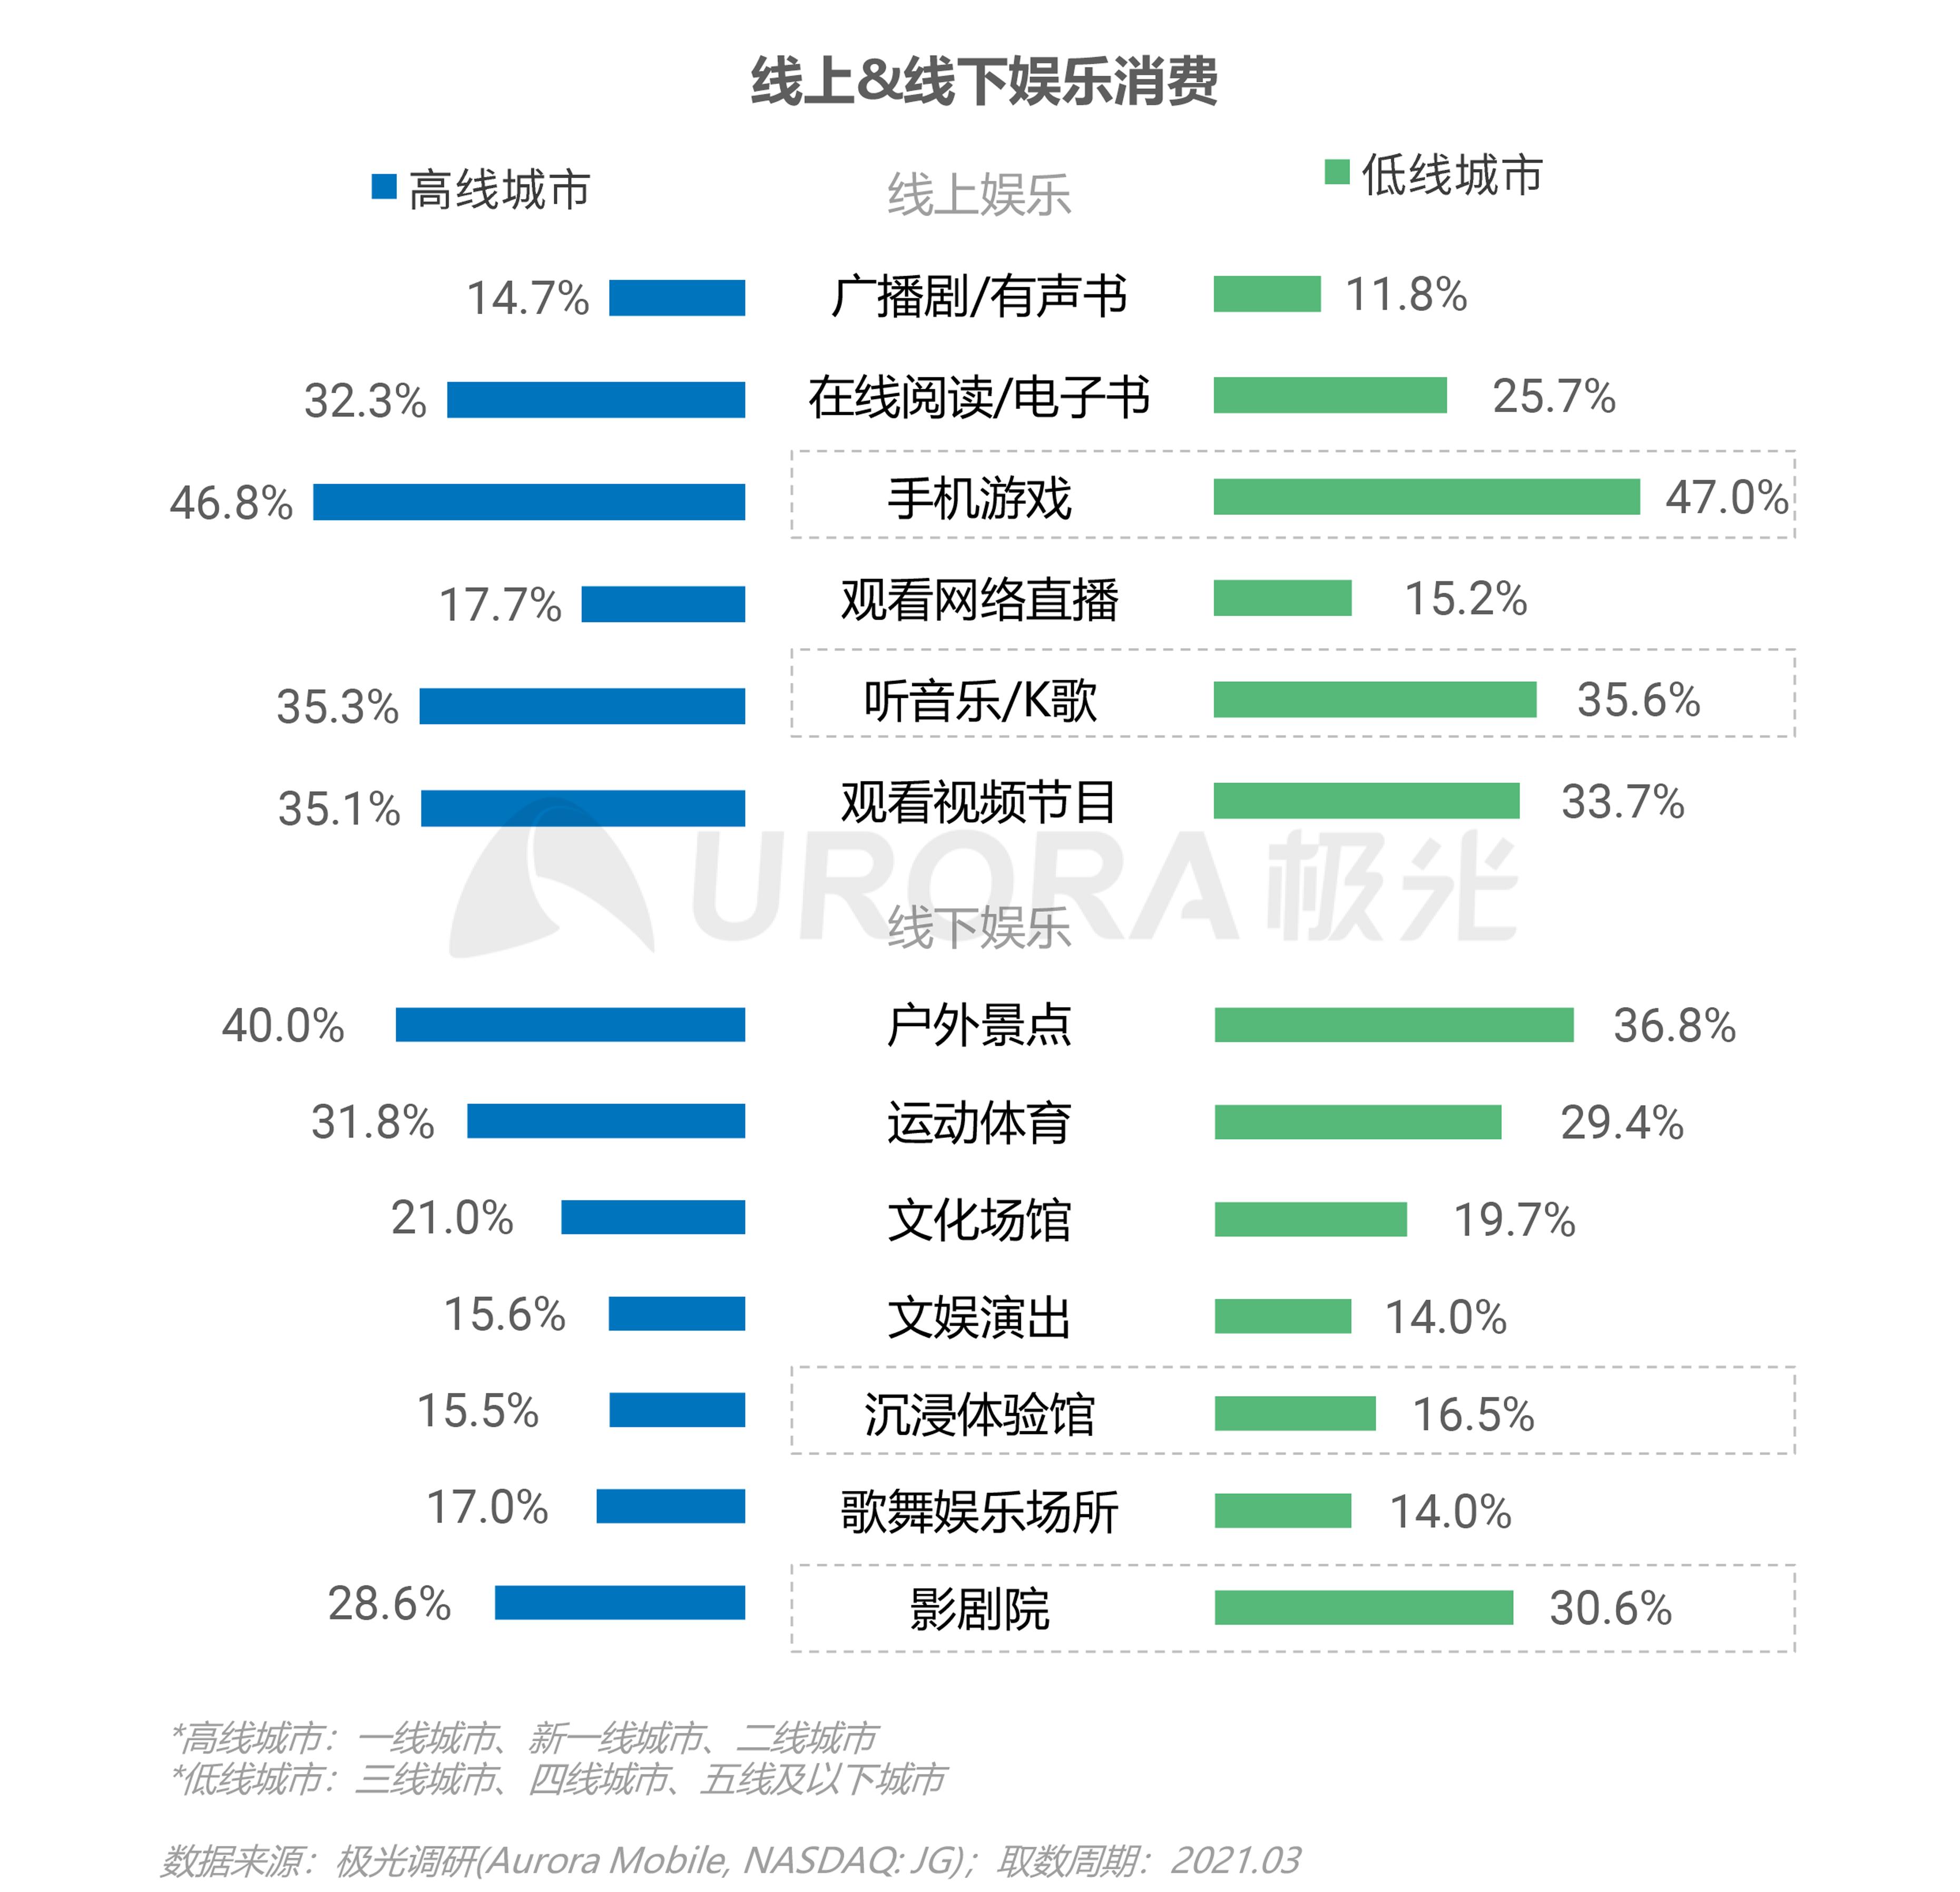 2021年轻人营销趋势研究报告【定稿】-54.png